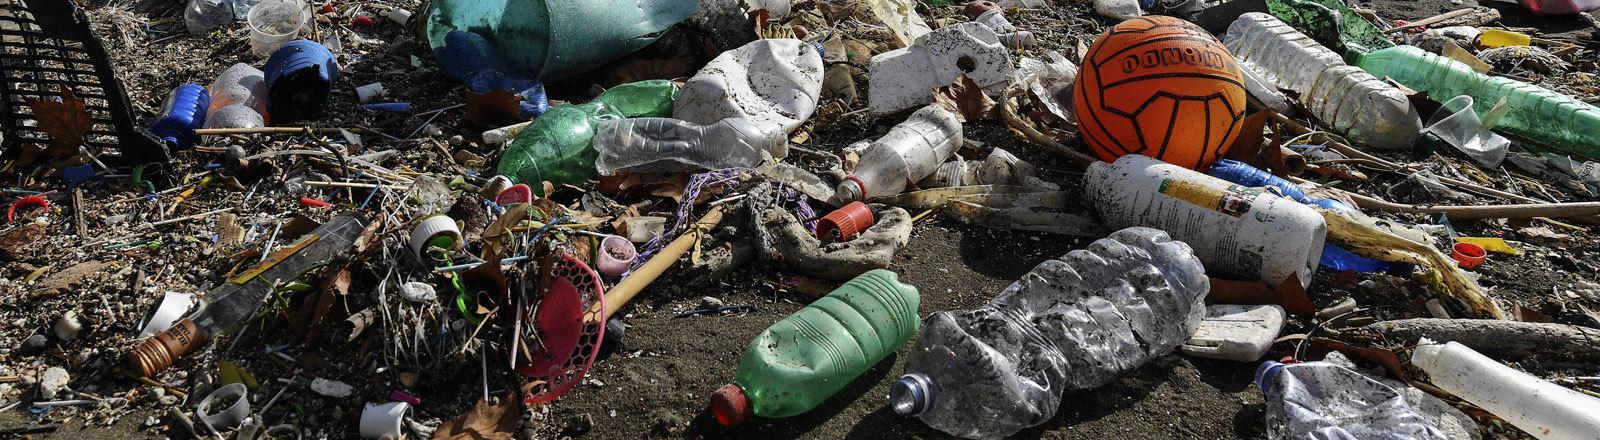 Strand von Neapel am 30.10.2018 voller Plastikmüll